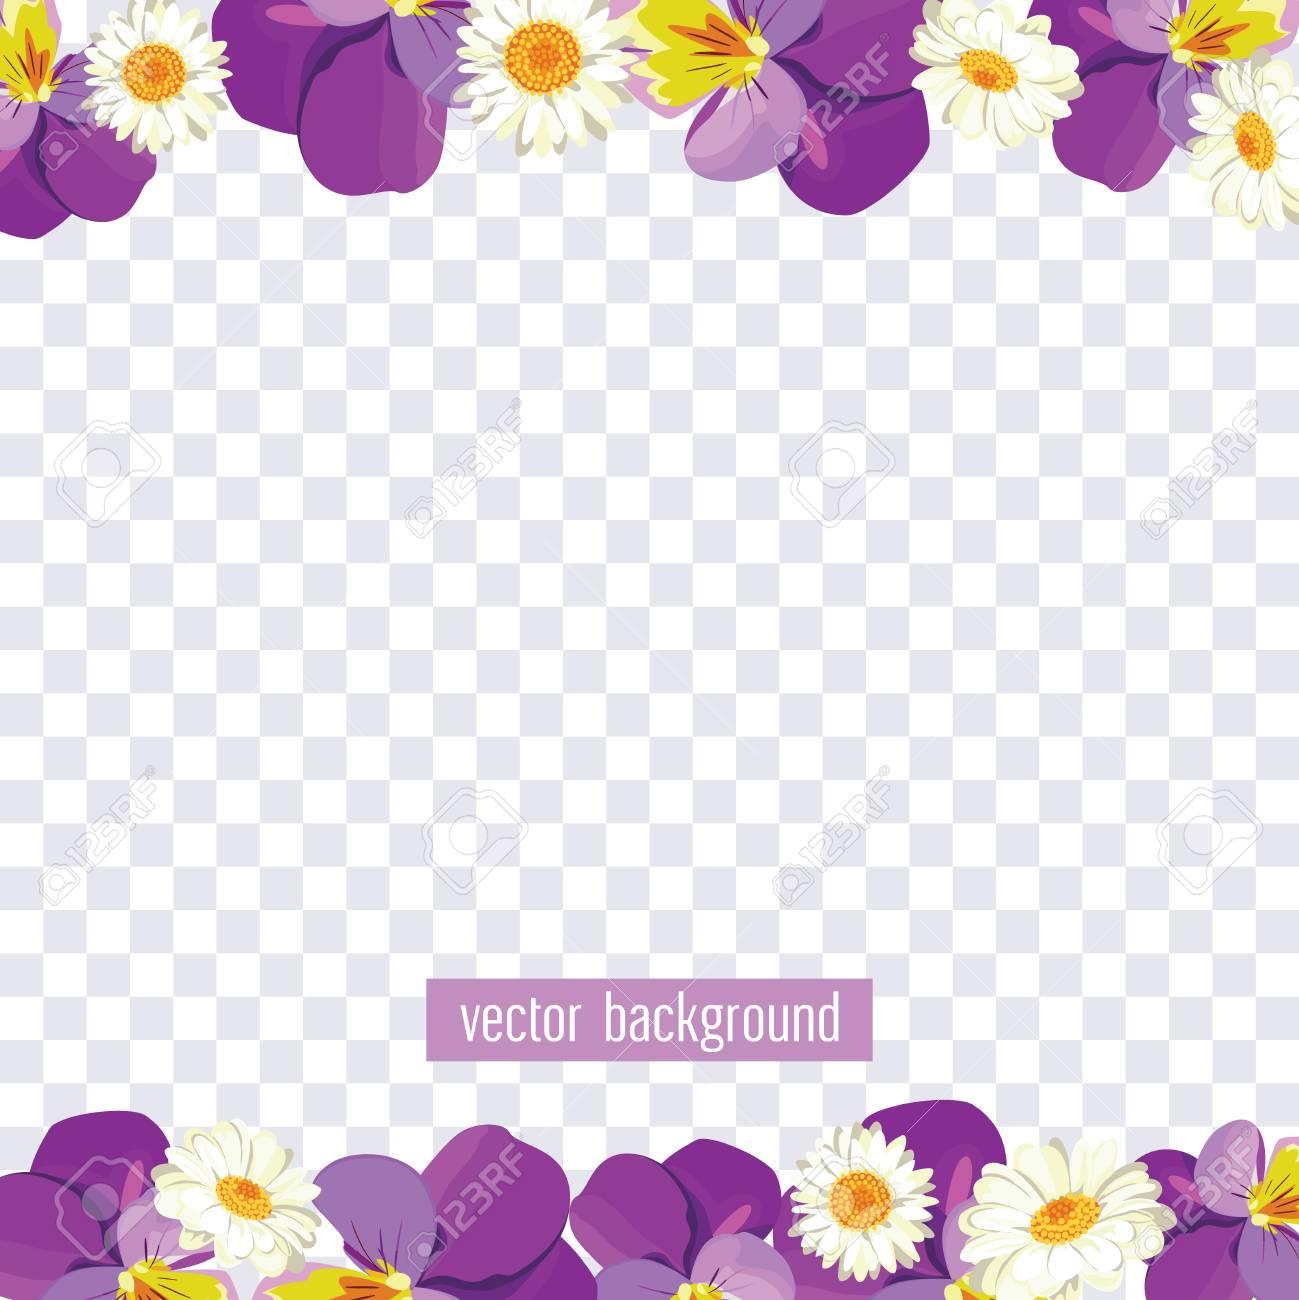 Floral Borders On Transparent Background Vector Illustration